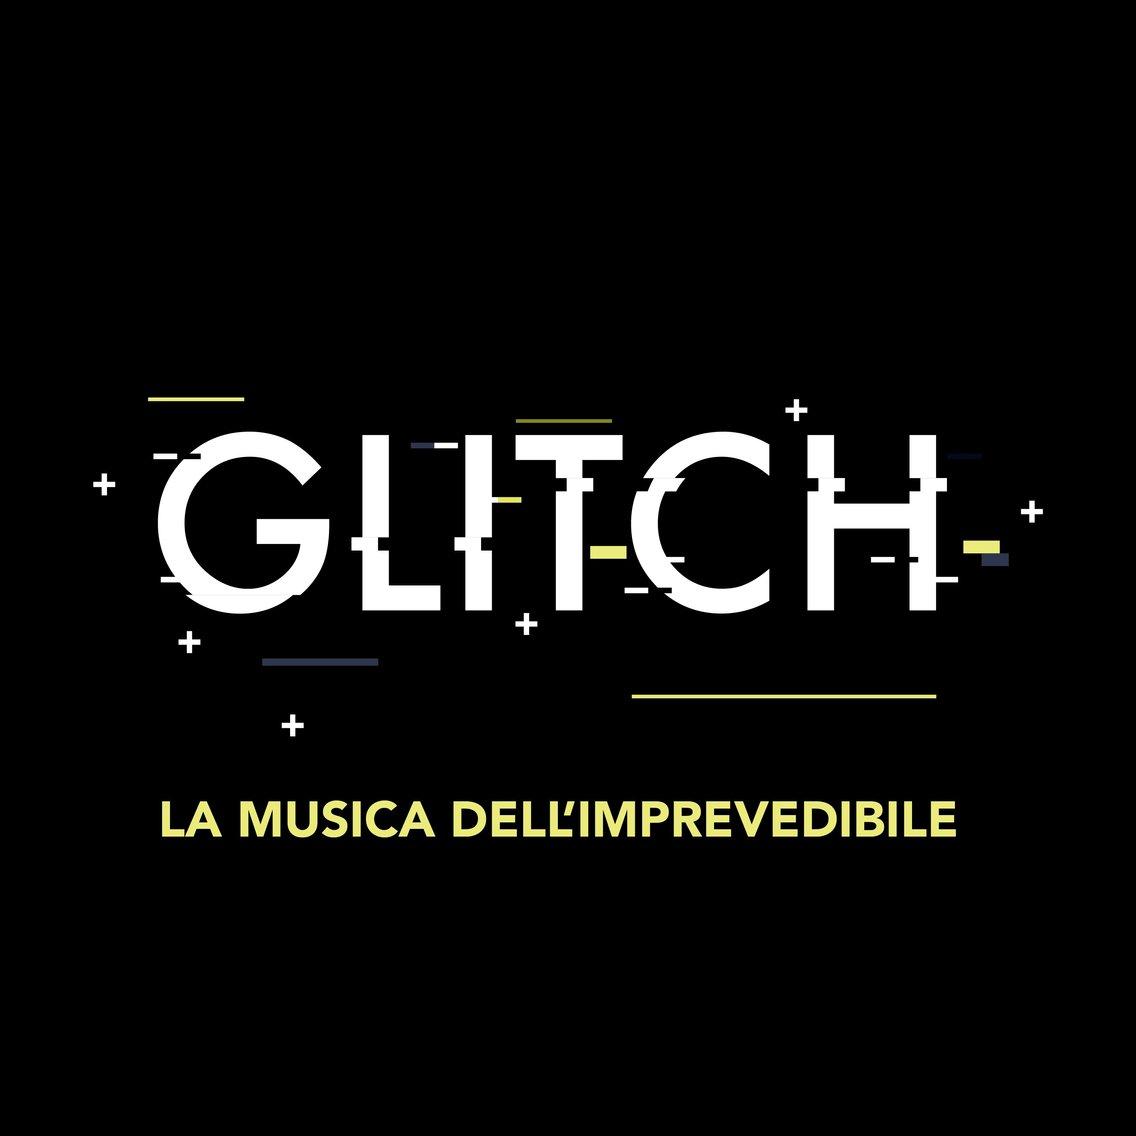 Glitch - la musica dell'imprevedibile - Cover Image